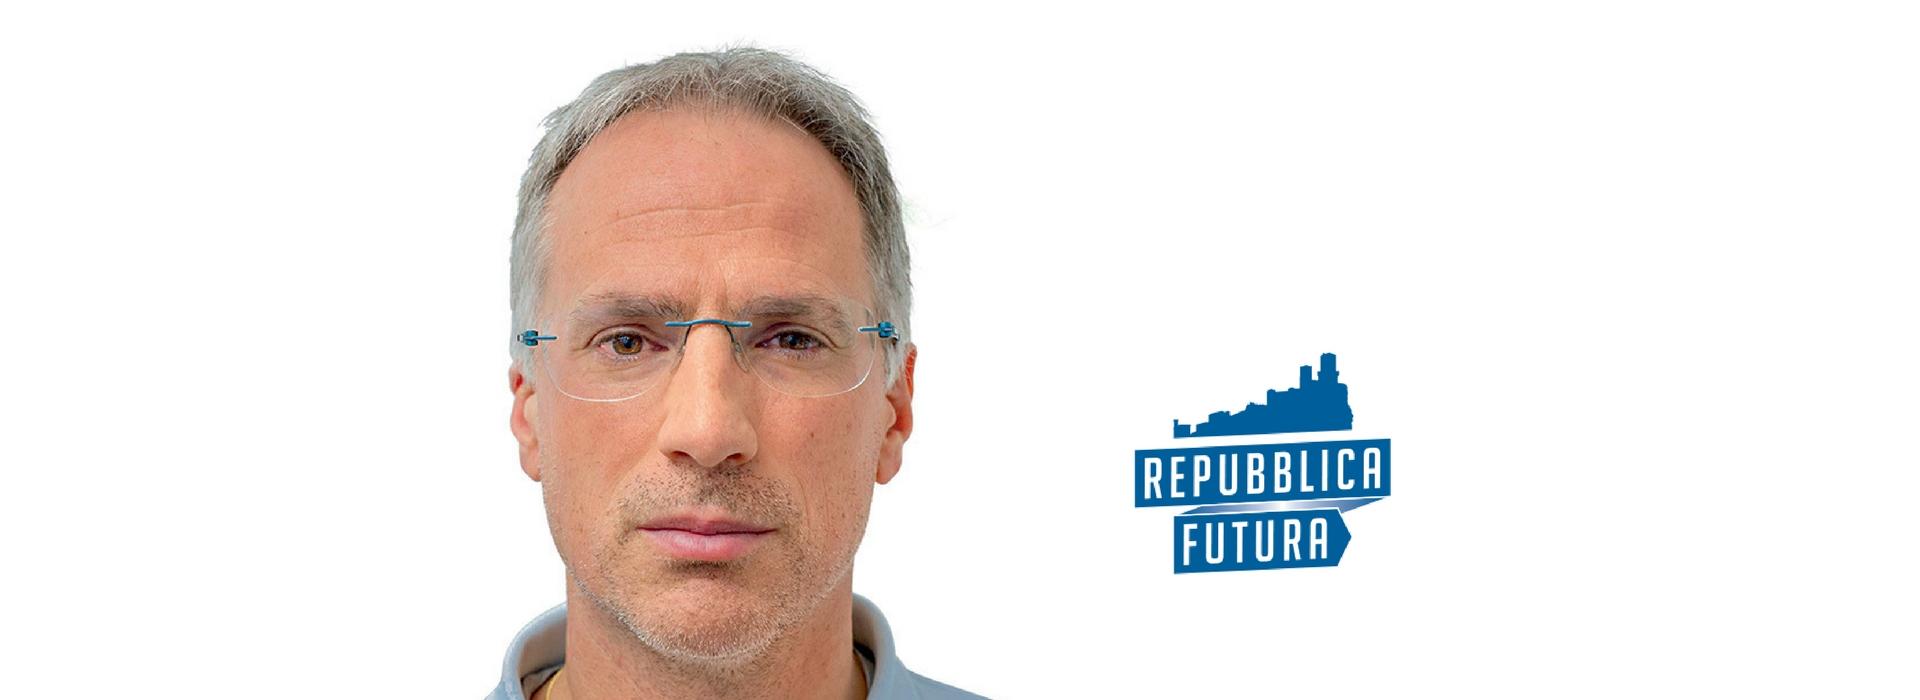 Lorenzo Lonfernini in comma comunicazioni – CGG del 13.11.18